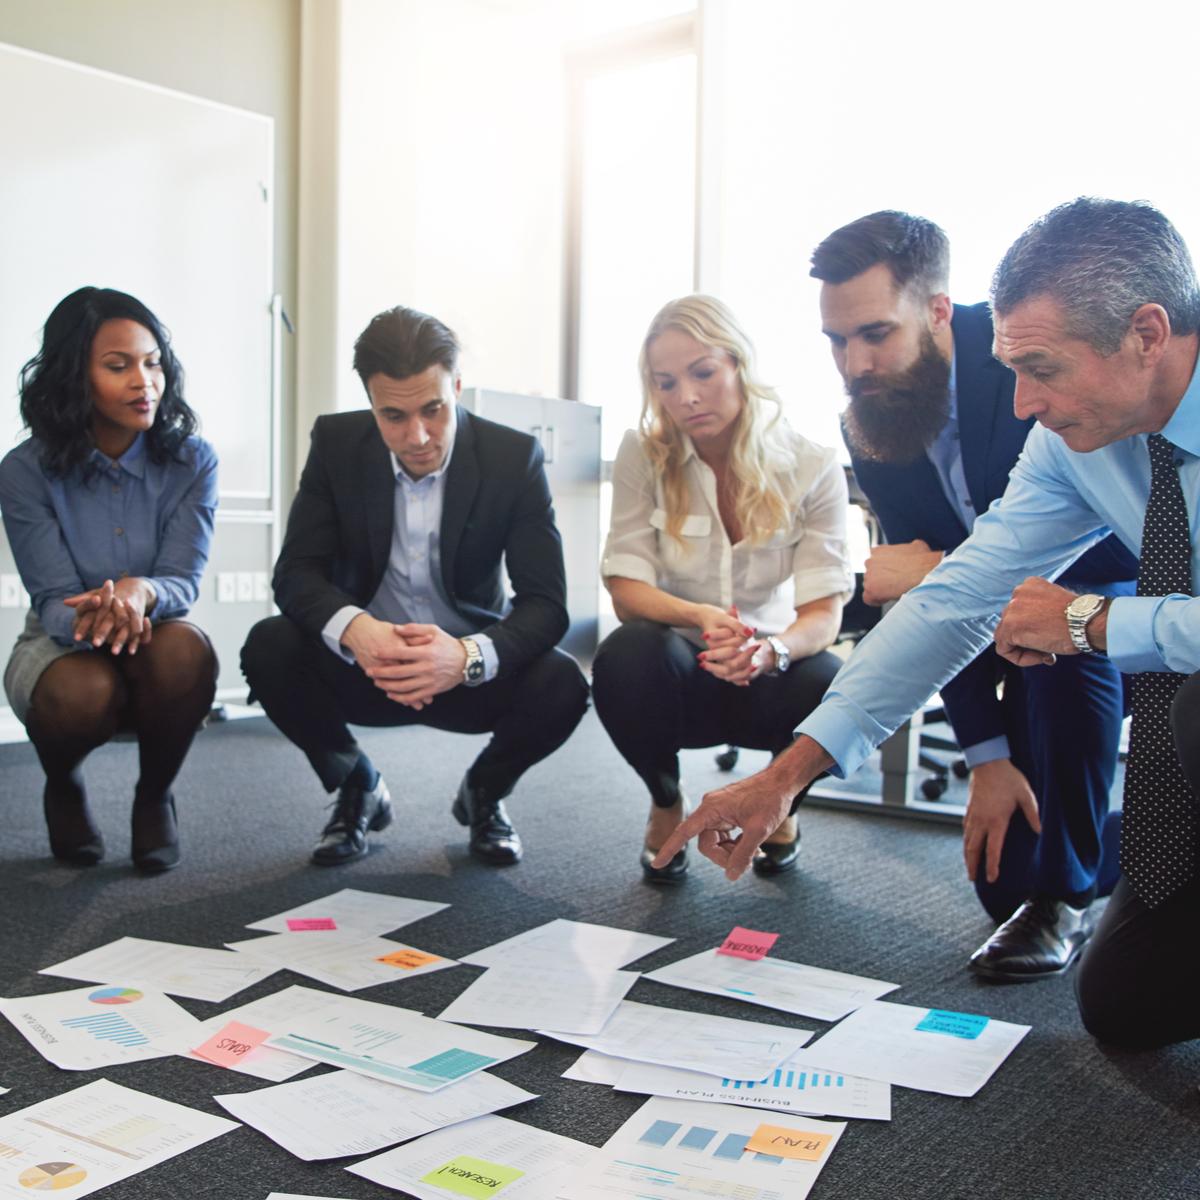 Succesvolle innovatie bij ABN AMRO met het DARE-programma